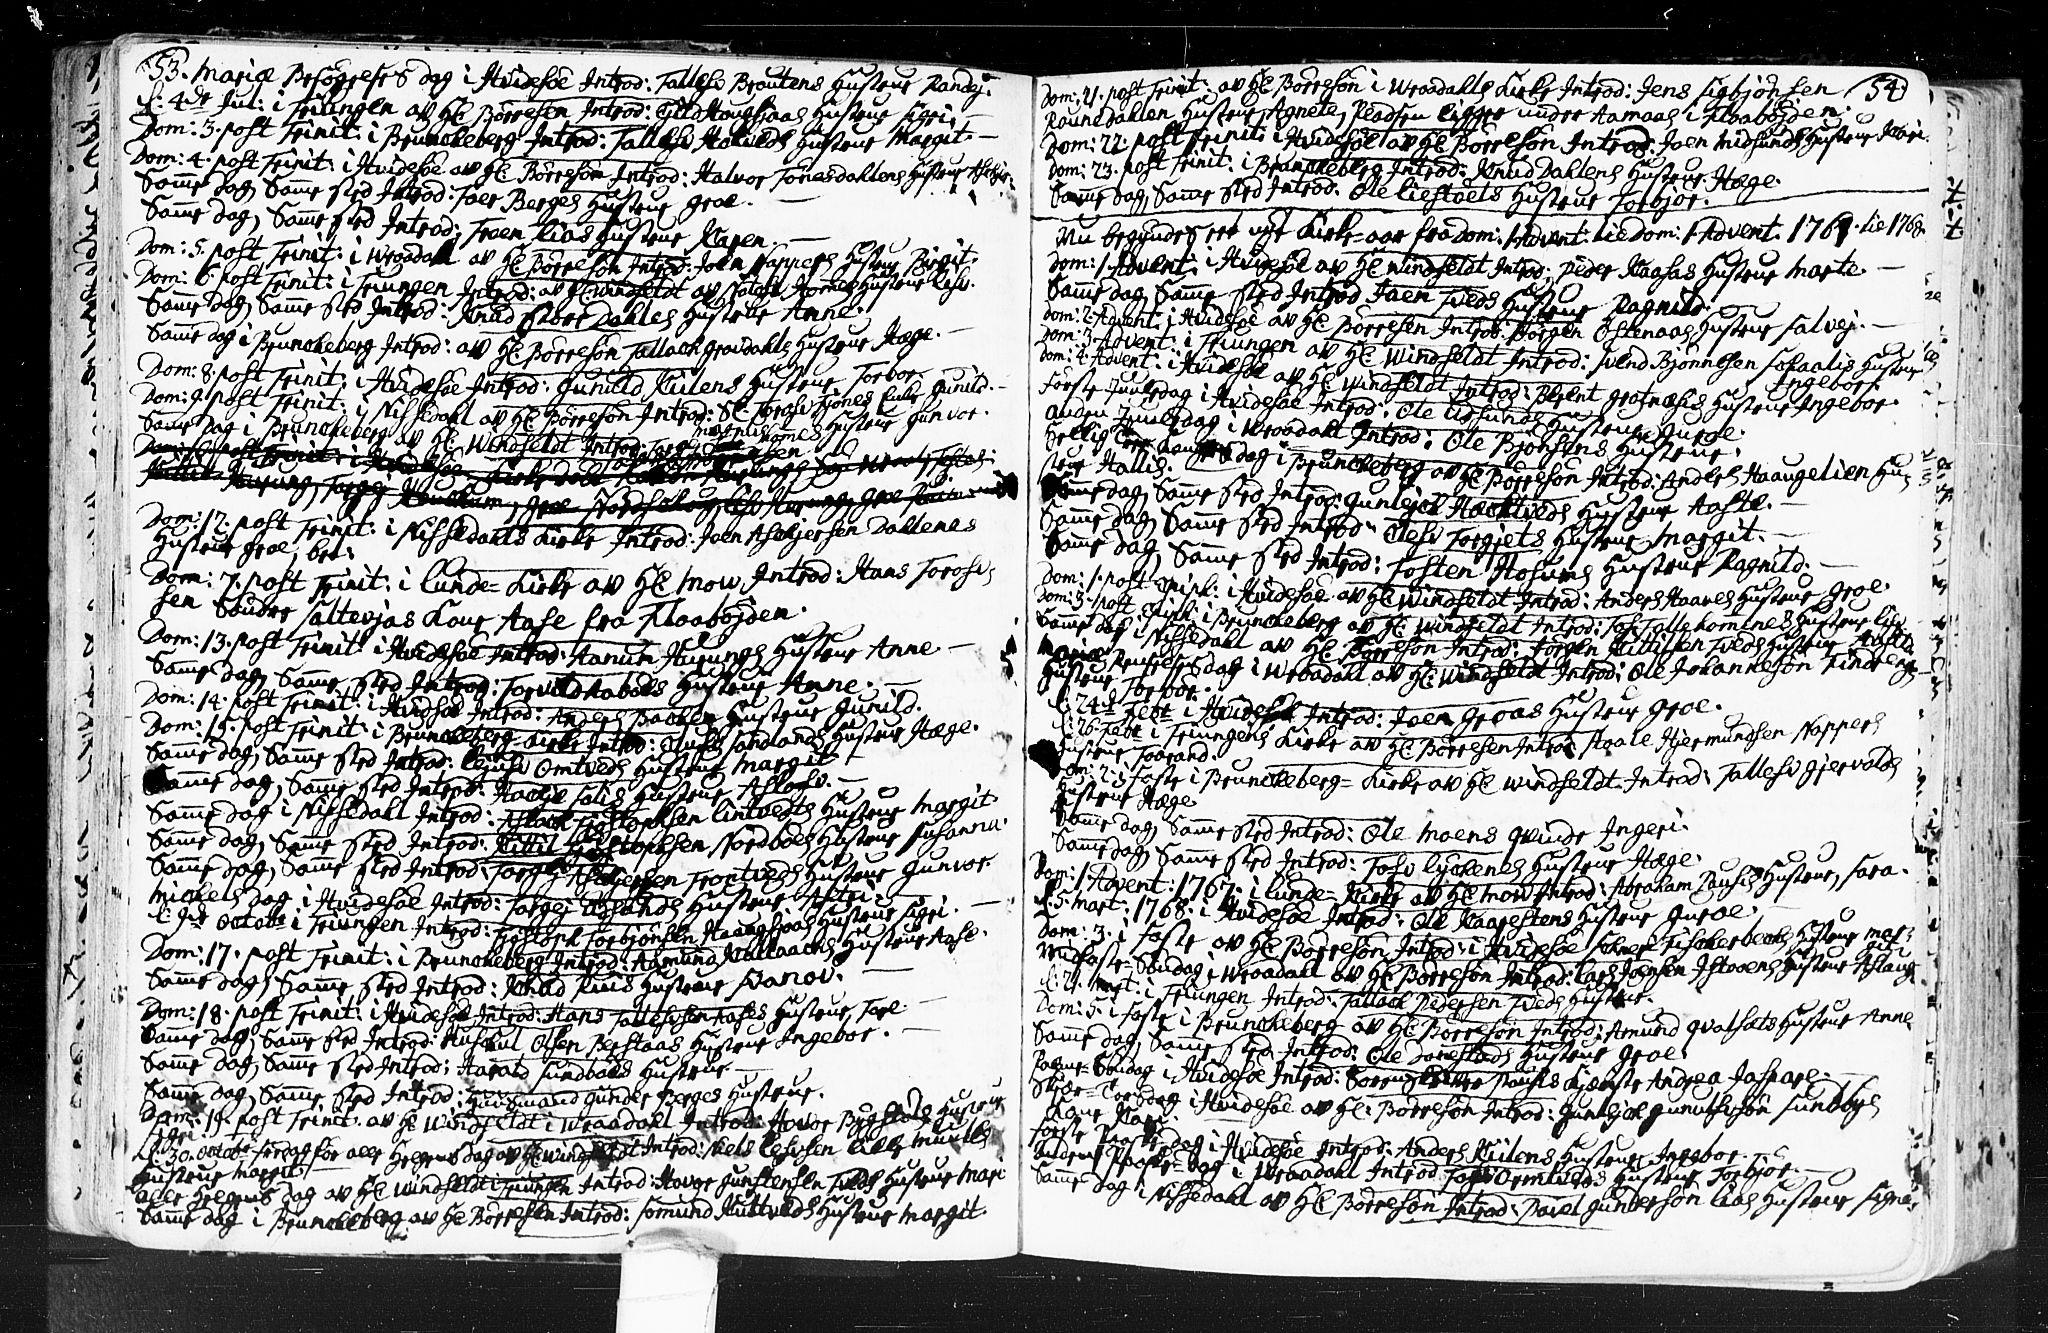 SAKO, Kviteseid kirkebøker, F/Fa/L0001: Ministerialbok nr. I 1, 1754-1773, s. 53-54